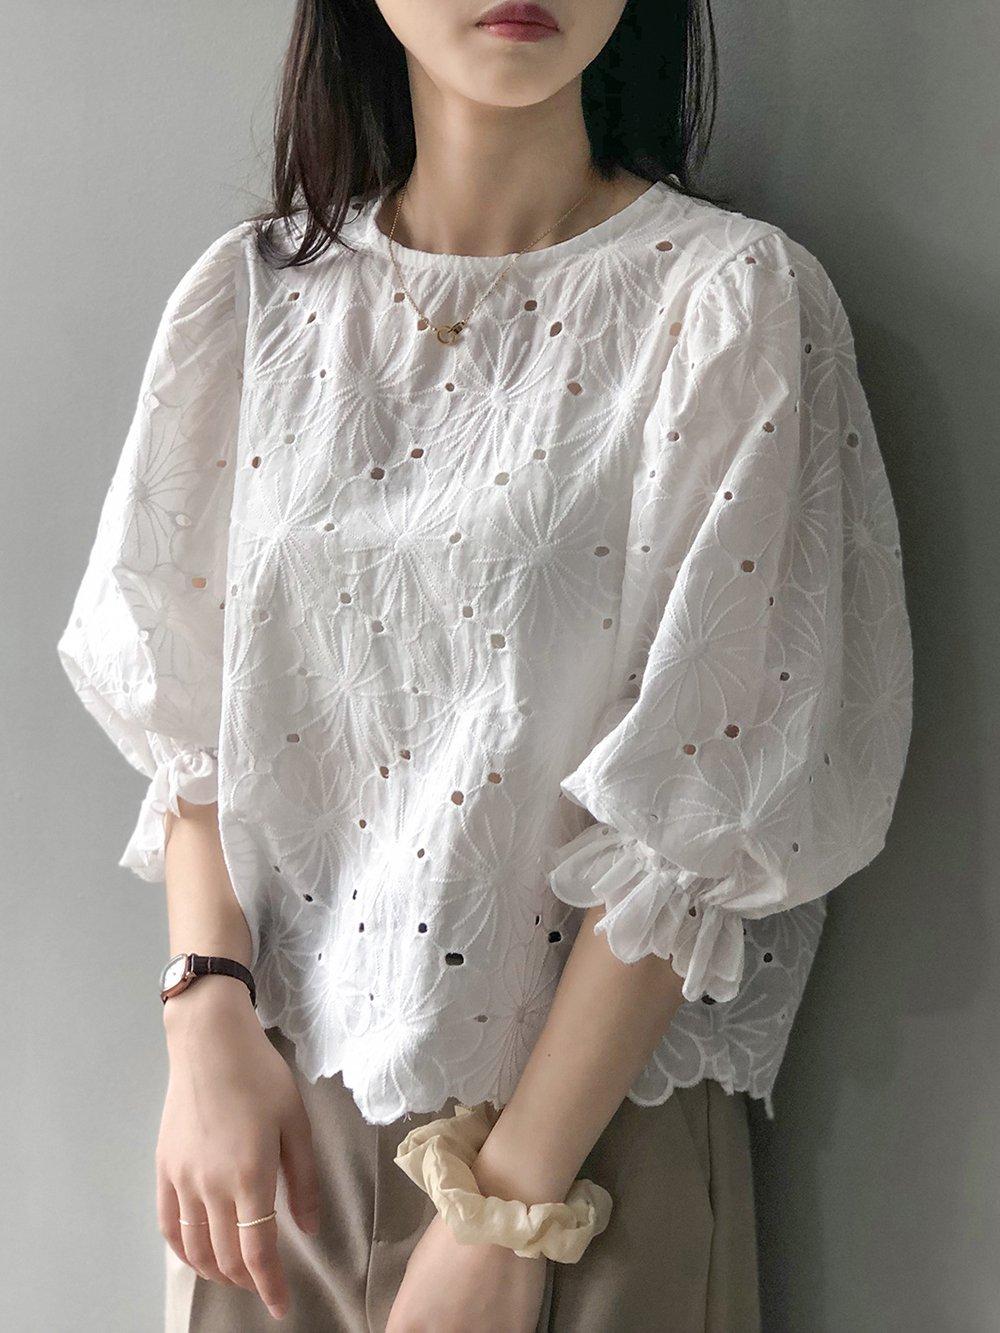 【広州仕入れ】キャンディスリーブ 花柄ラウンドネックシャツ